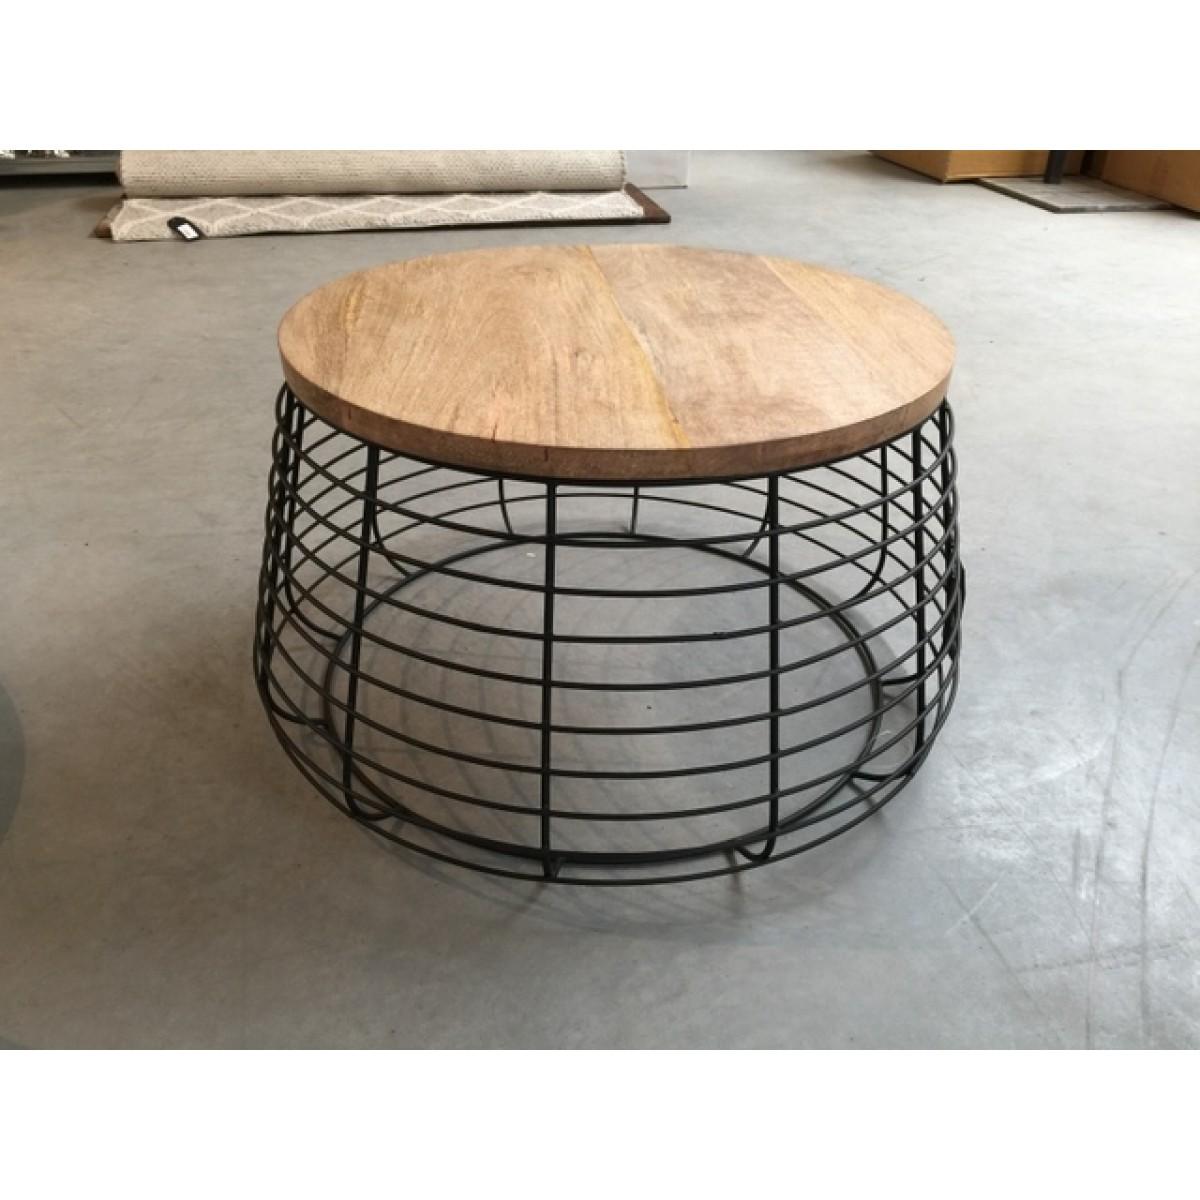 Beistelltisch Industriedesign Metall Holz Couchtisch Metall Schwarz